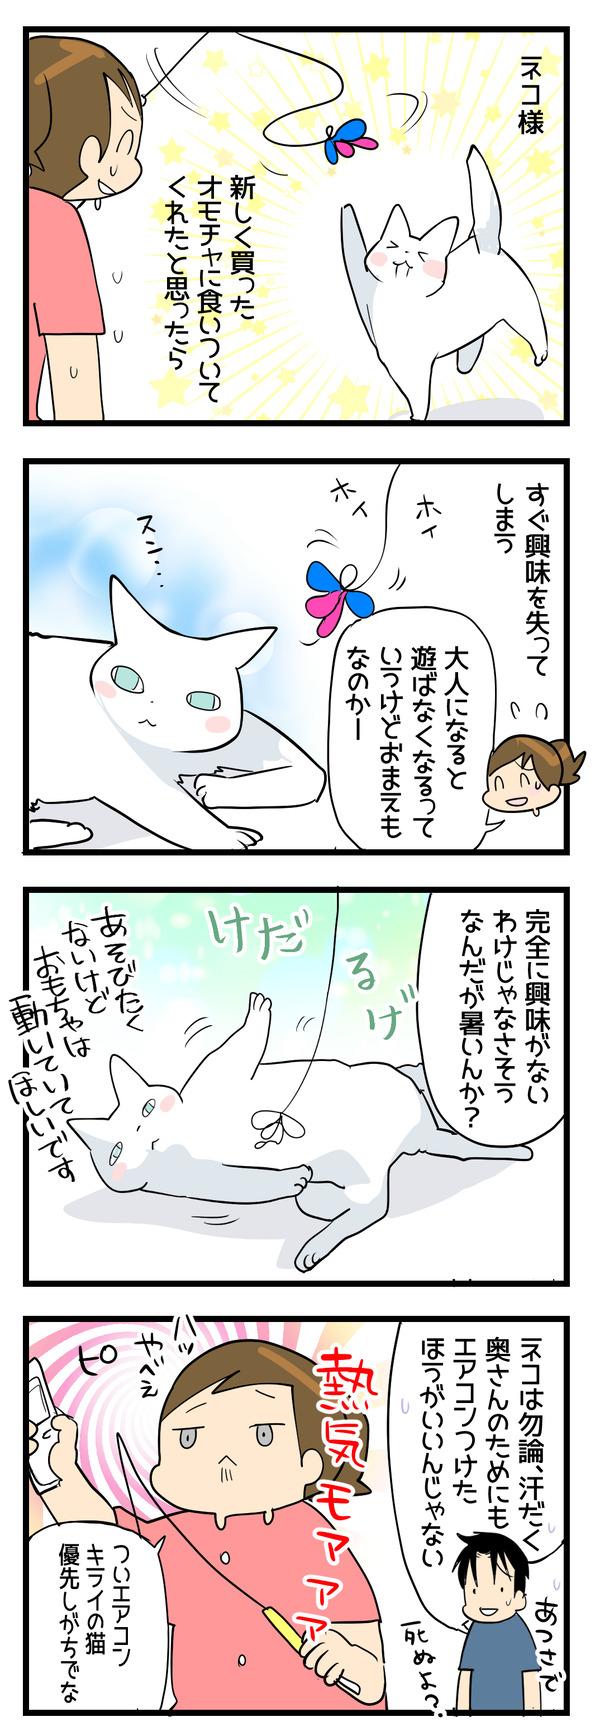 ネコとオモチャ